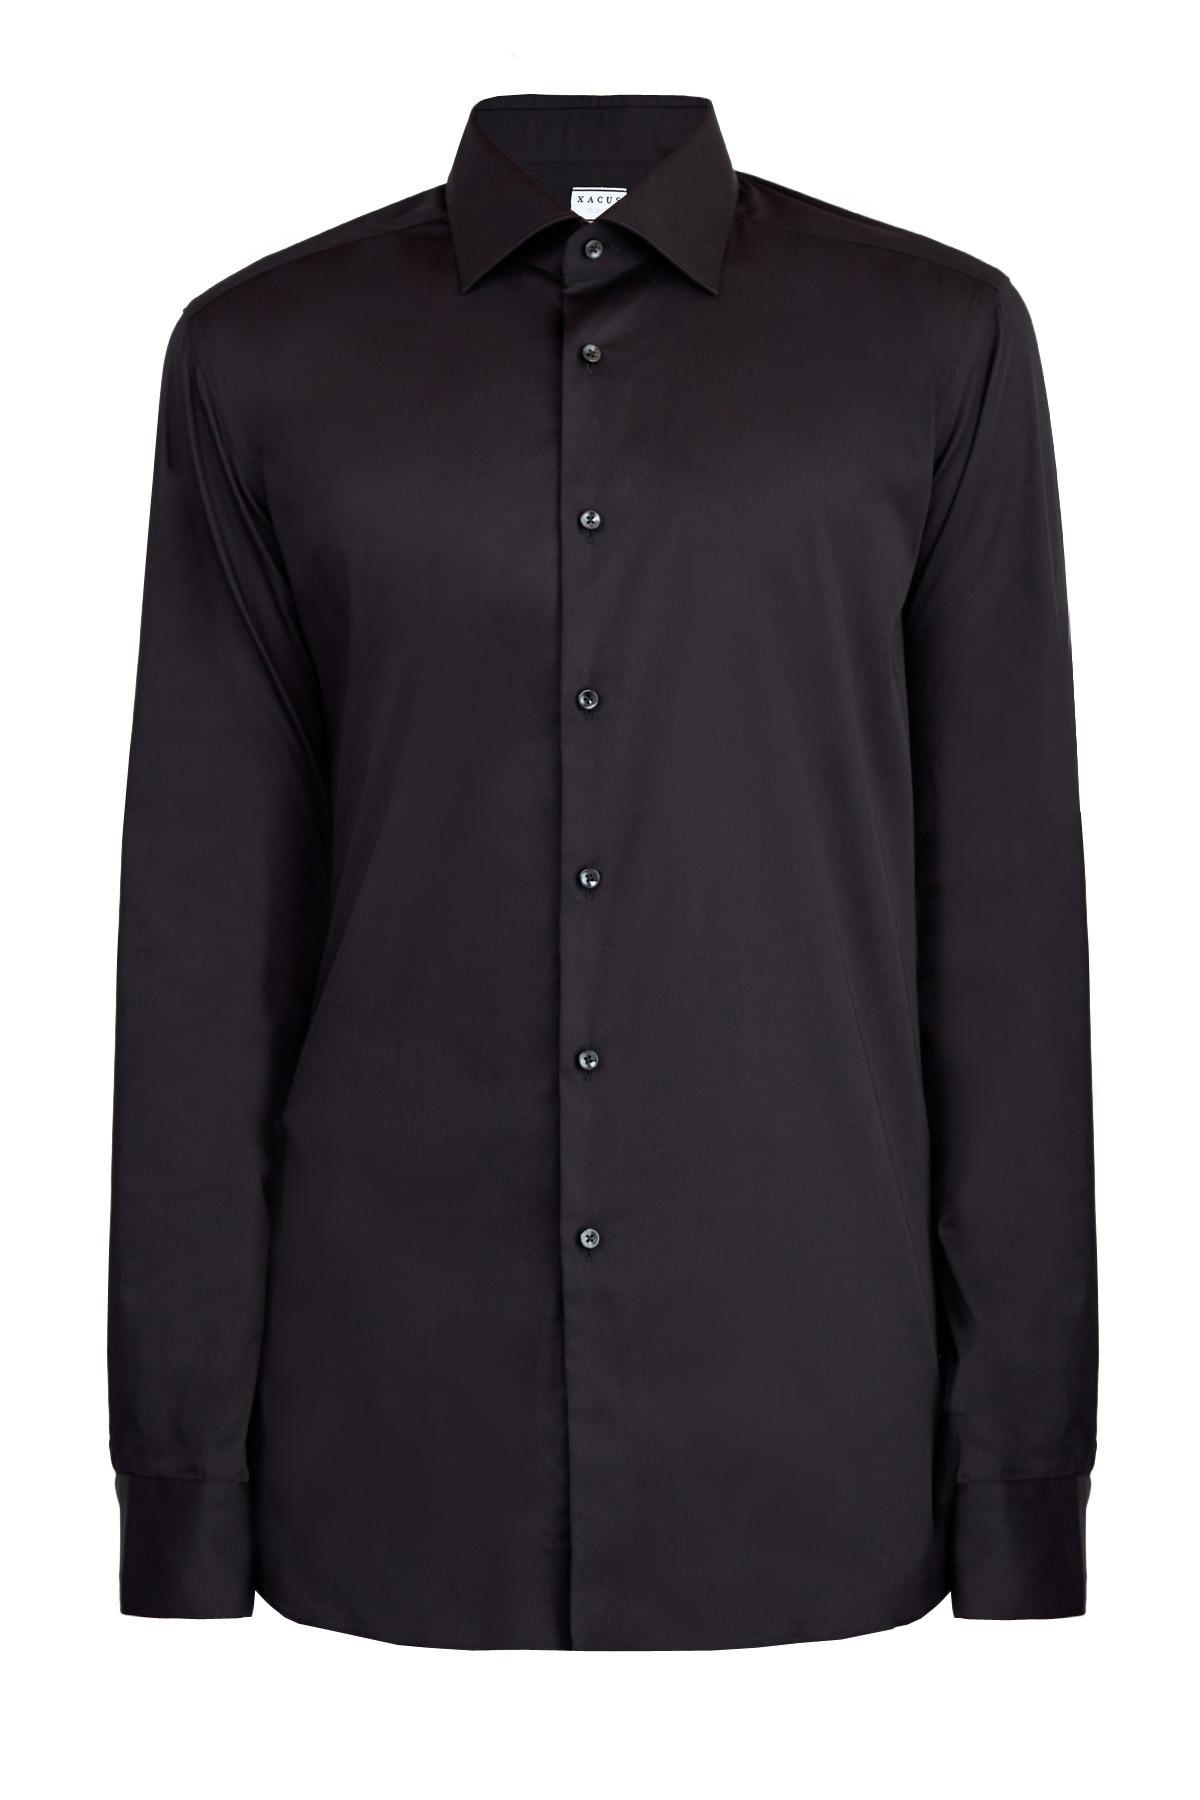 Купить со скидкой Классическая черная рубашка силуэта Tailor Fit из эластичного хлопка